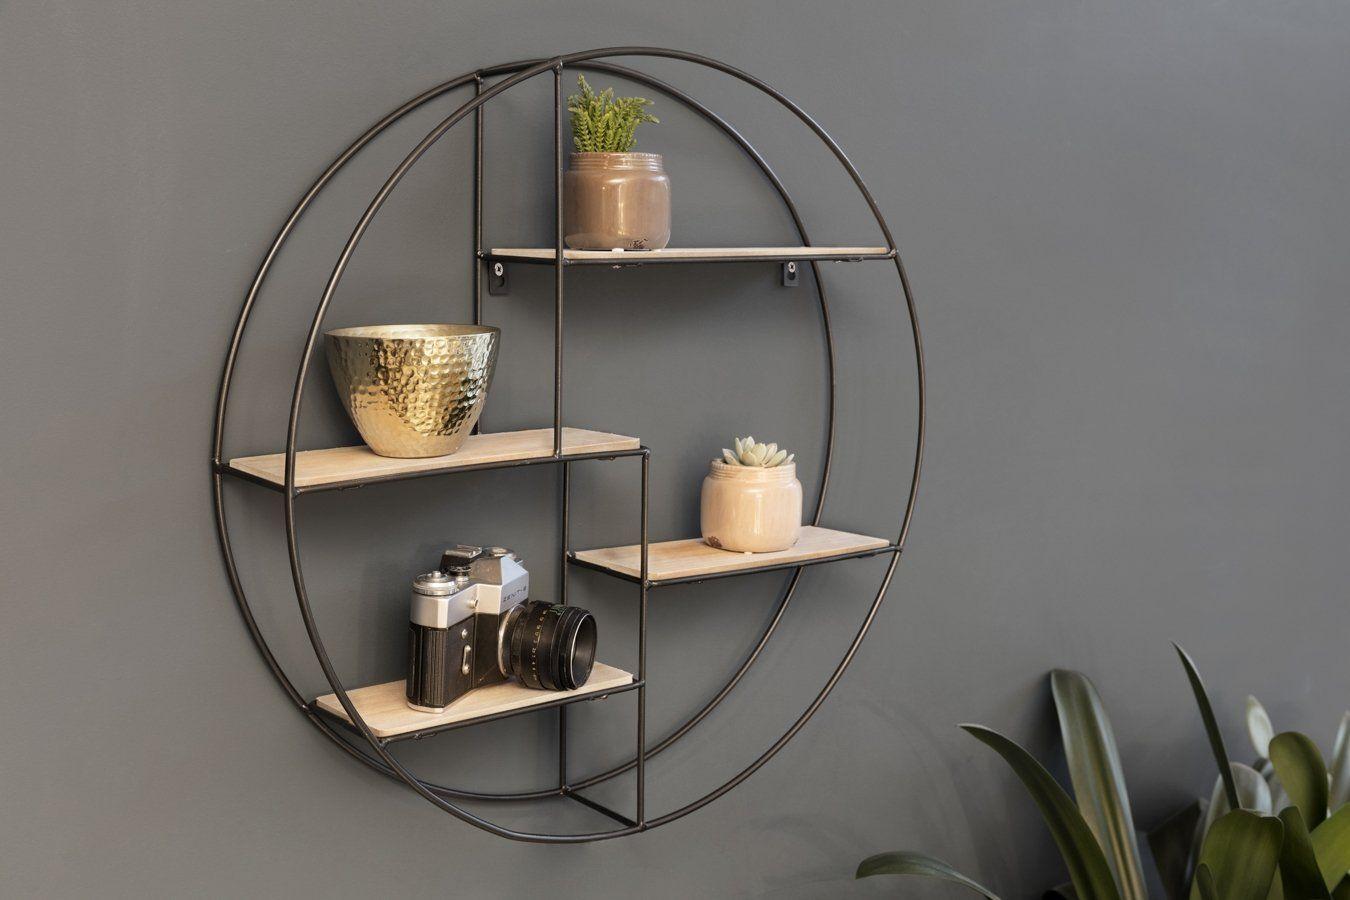 Mensole Porta Oggetti.Lifa Living Mensola Da Muro Mensole Da Muro Design